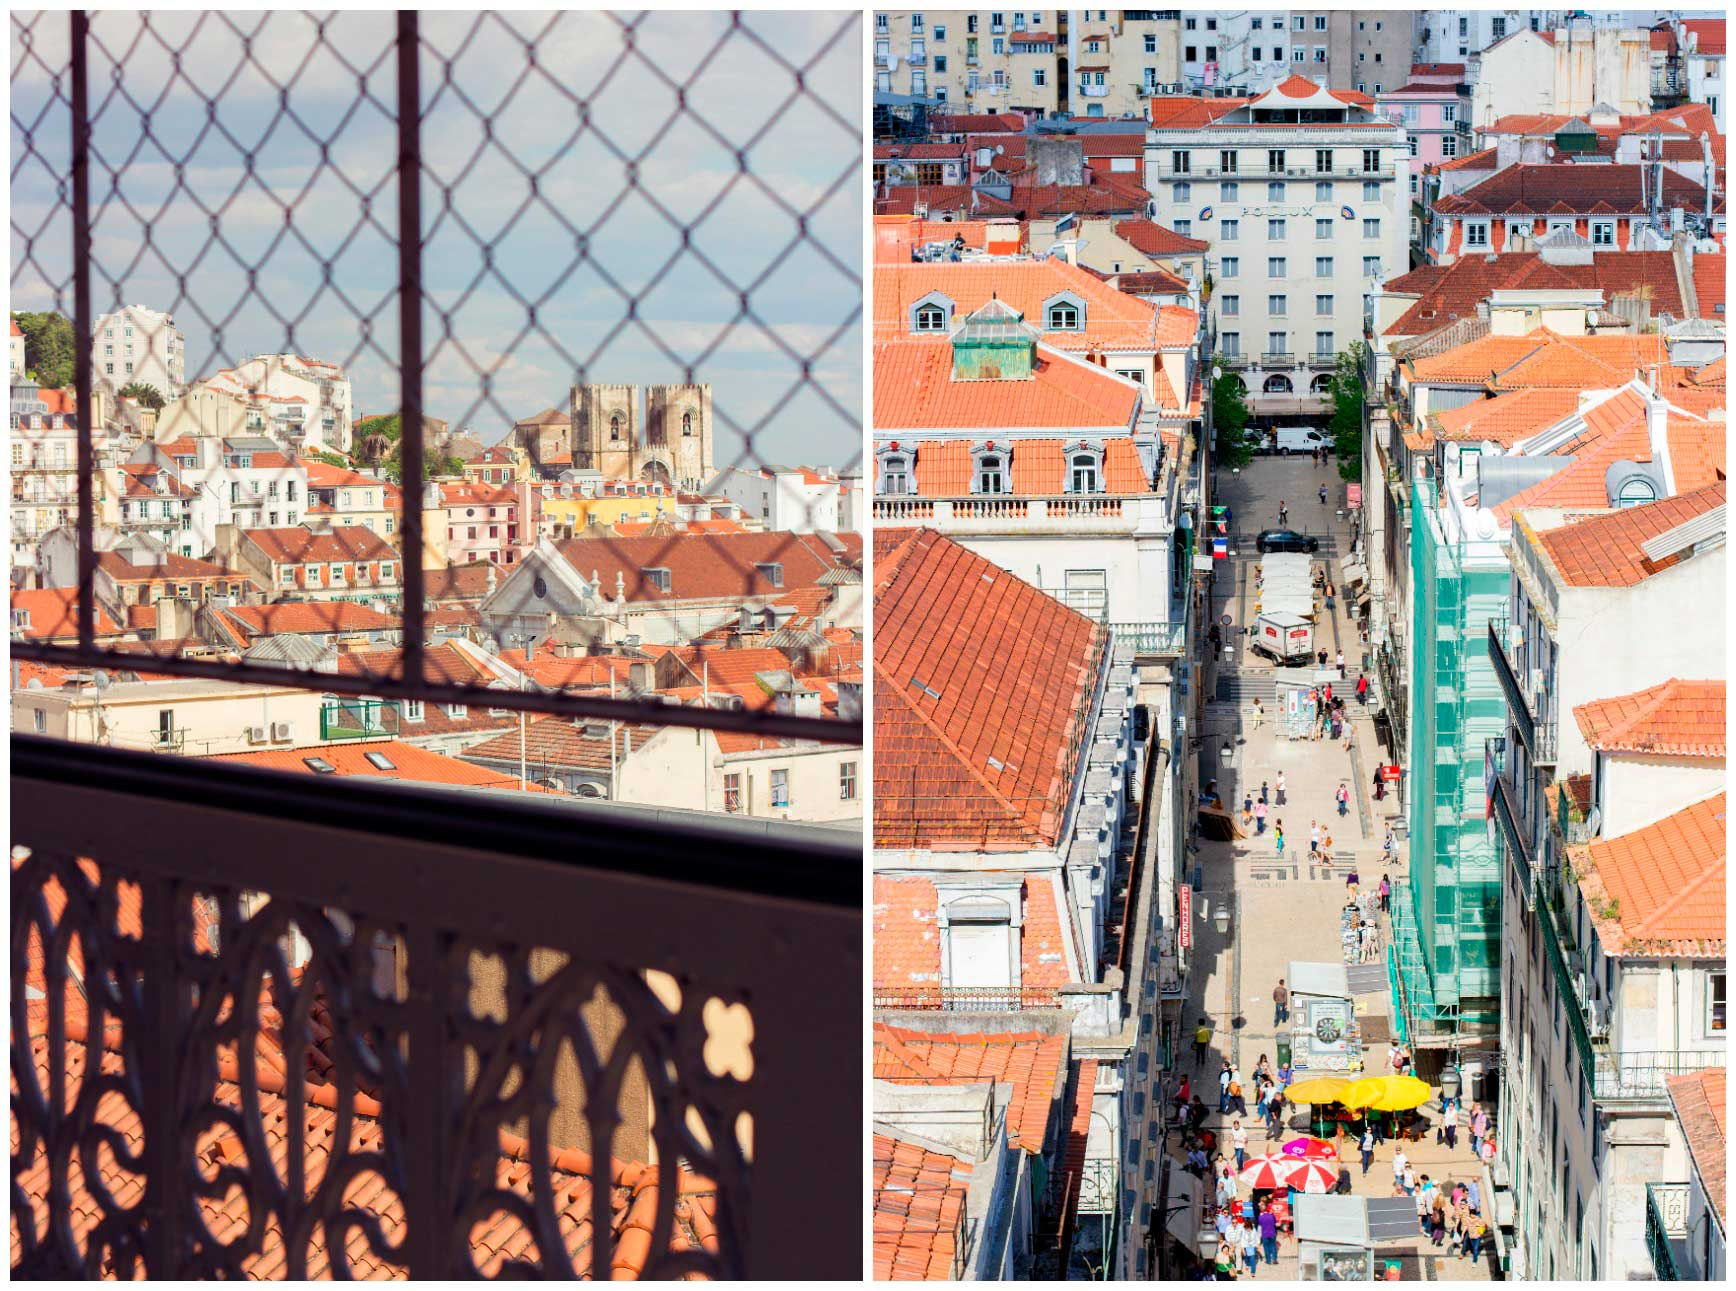 Lisboa11